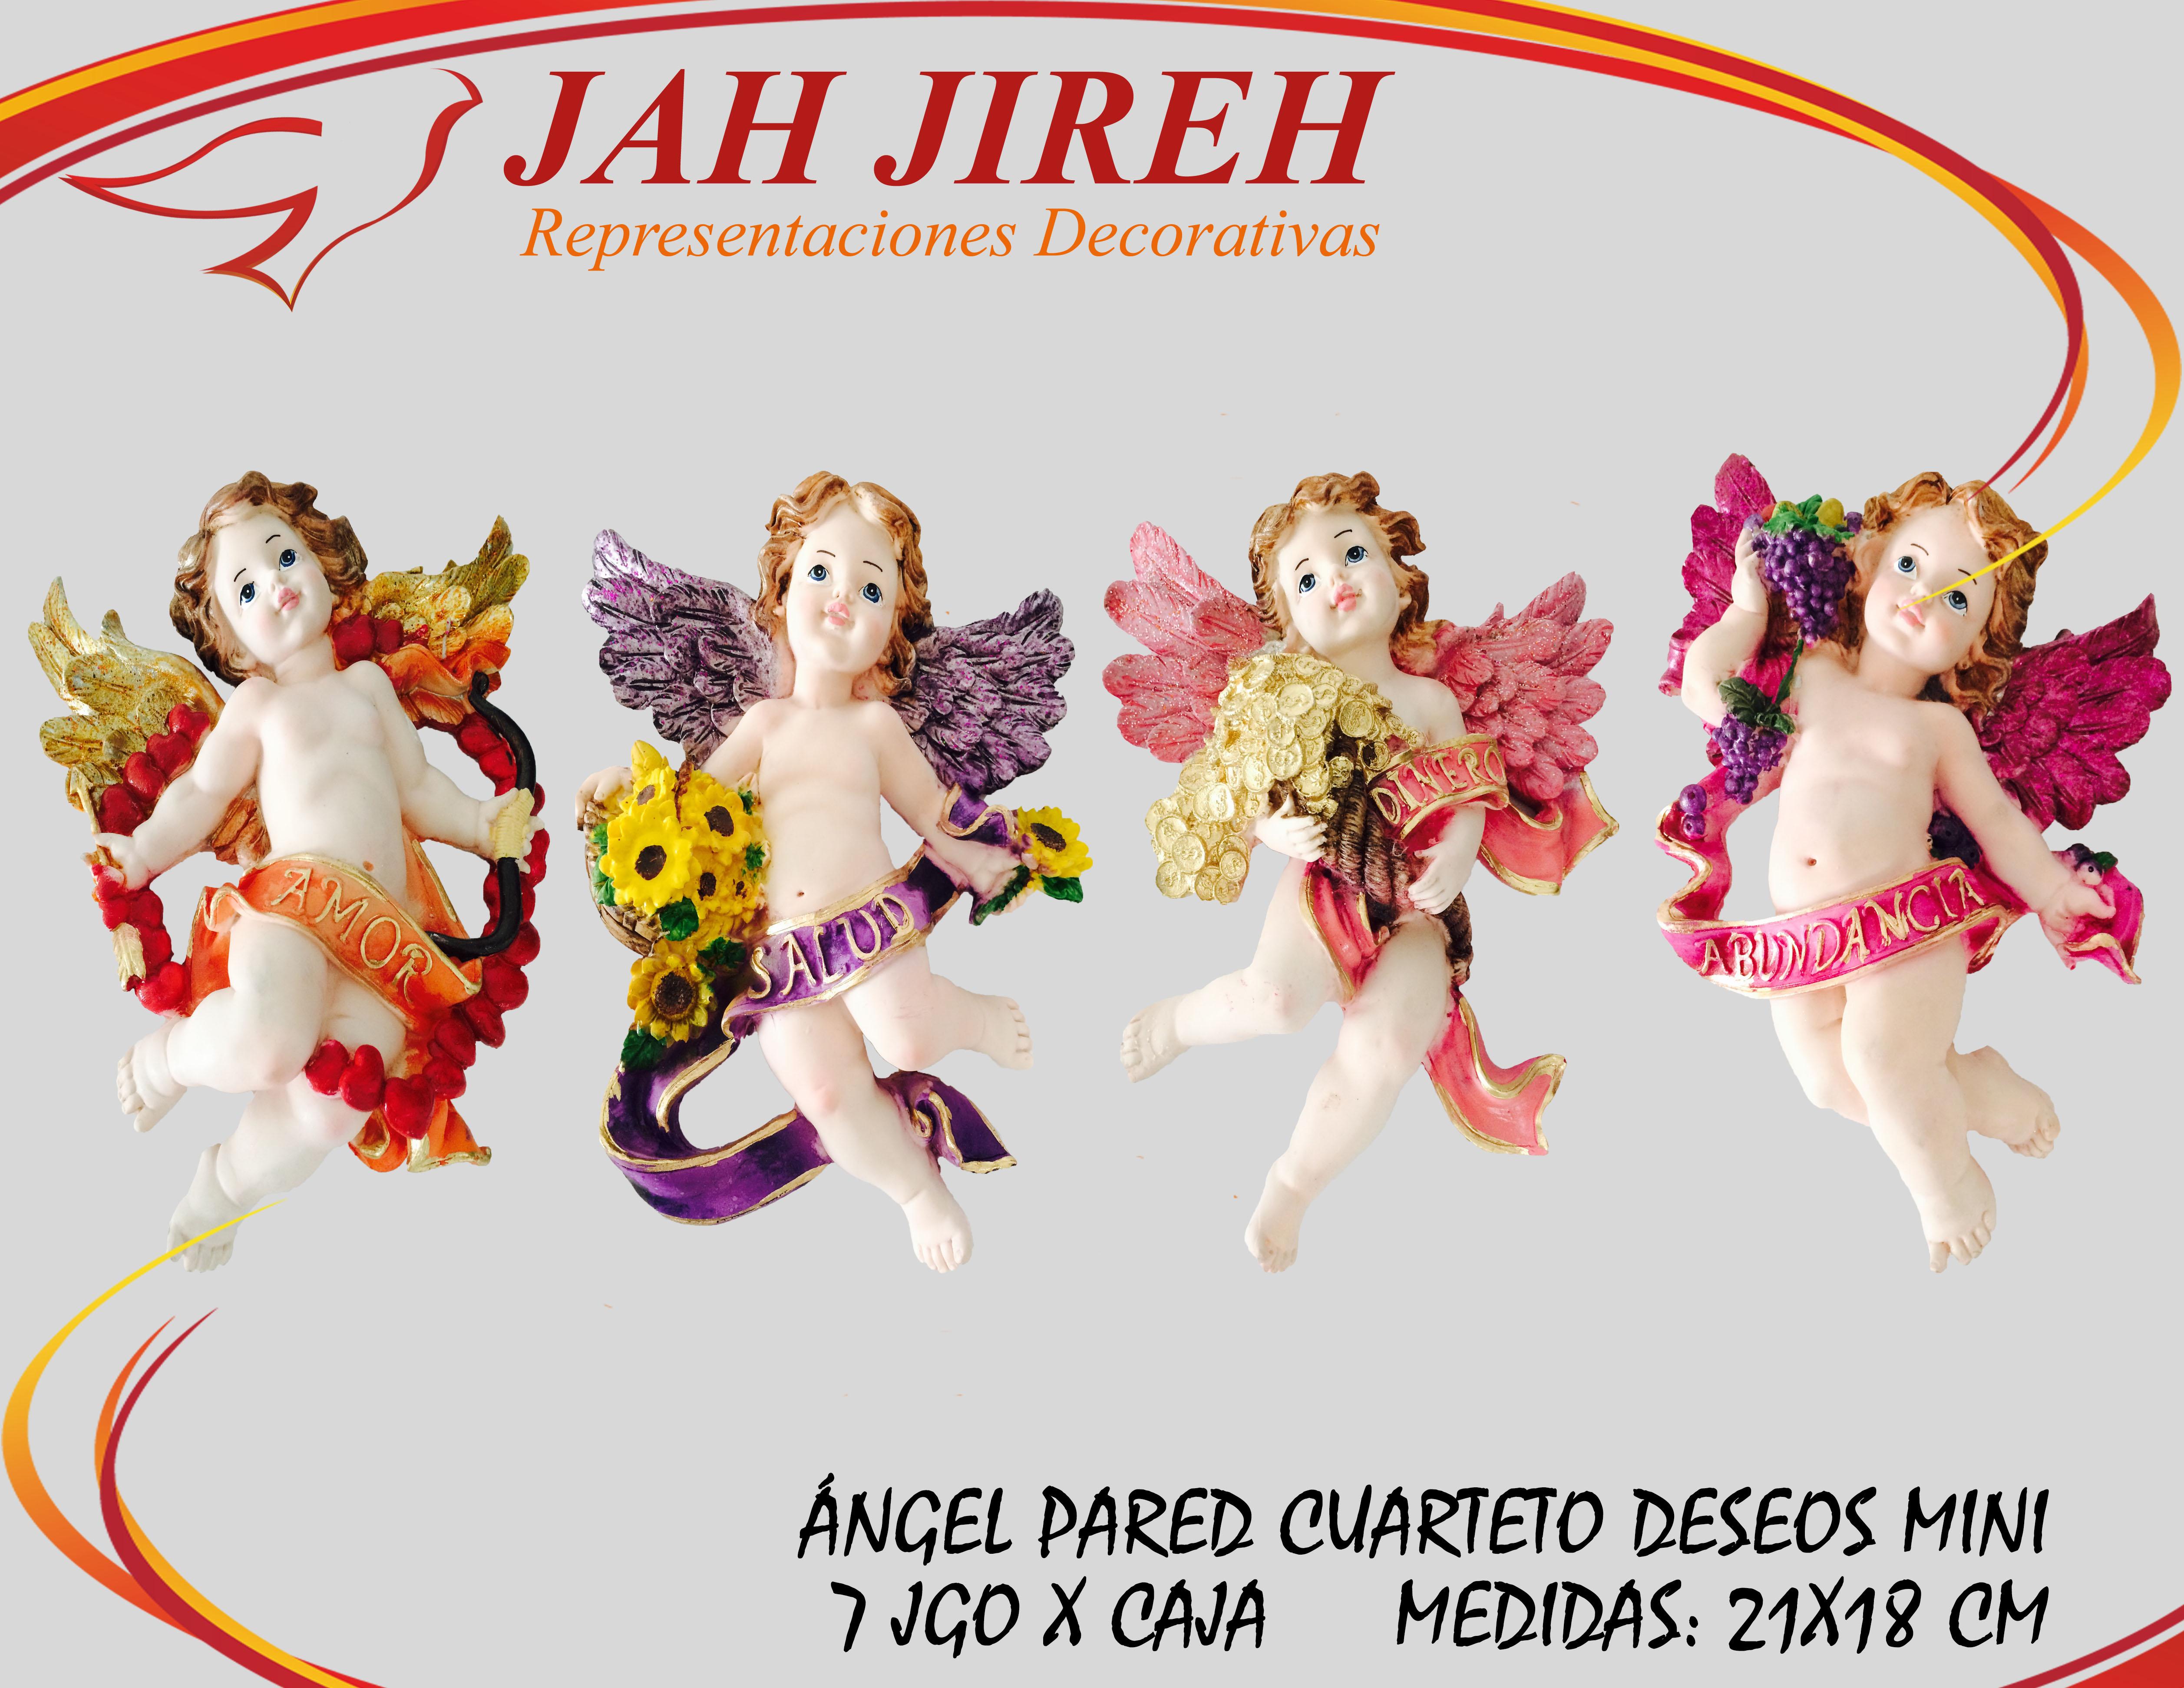 https://0201.nccdn.net/4_2/000/000/046/6ea/angel-pared-cuarteto-deseos-mini.jpg